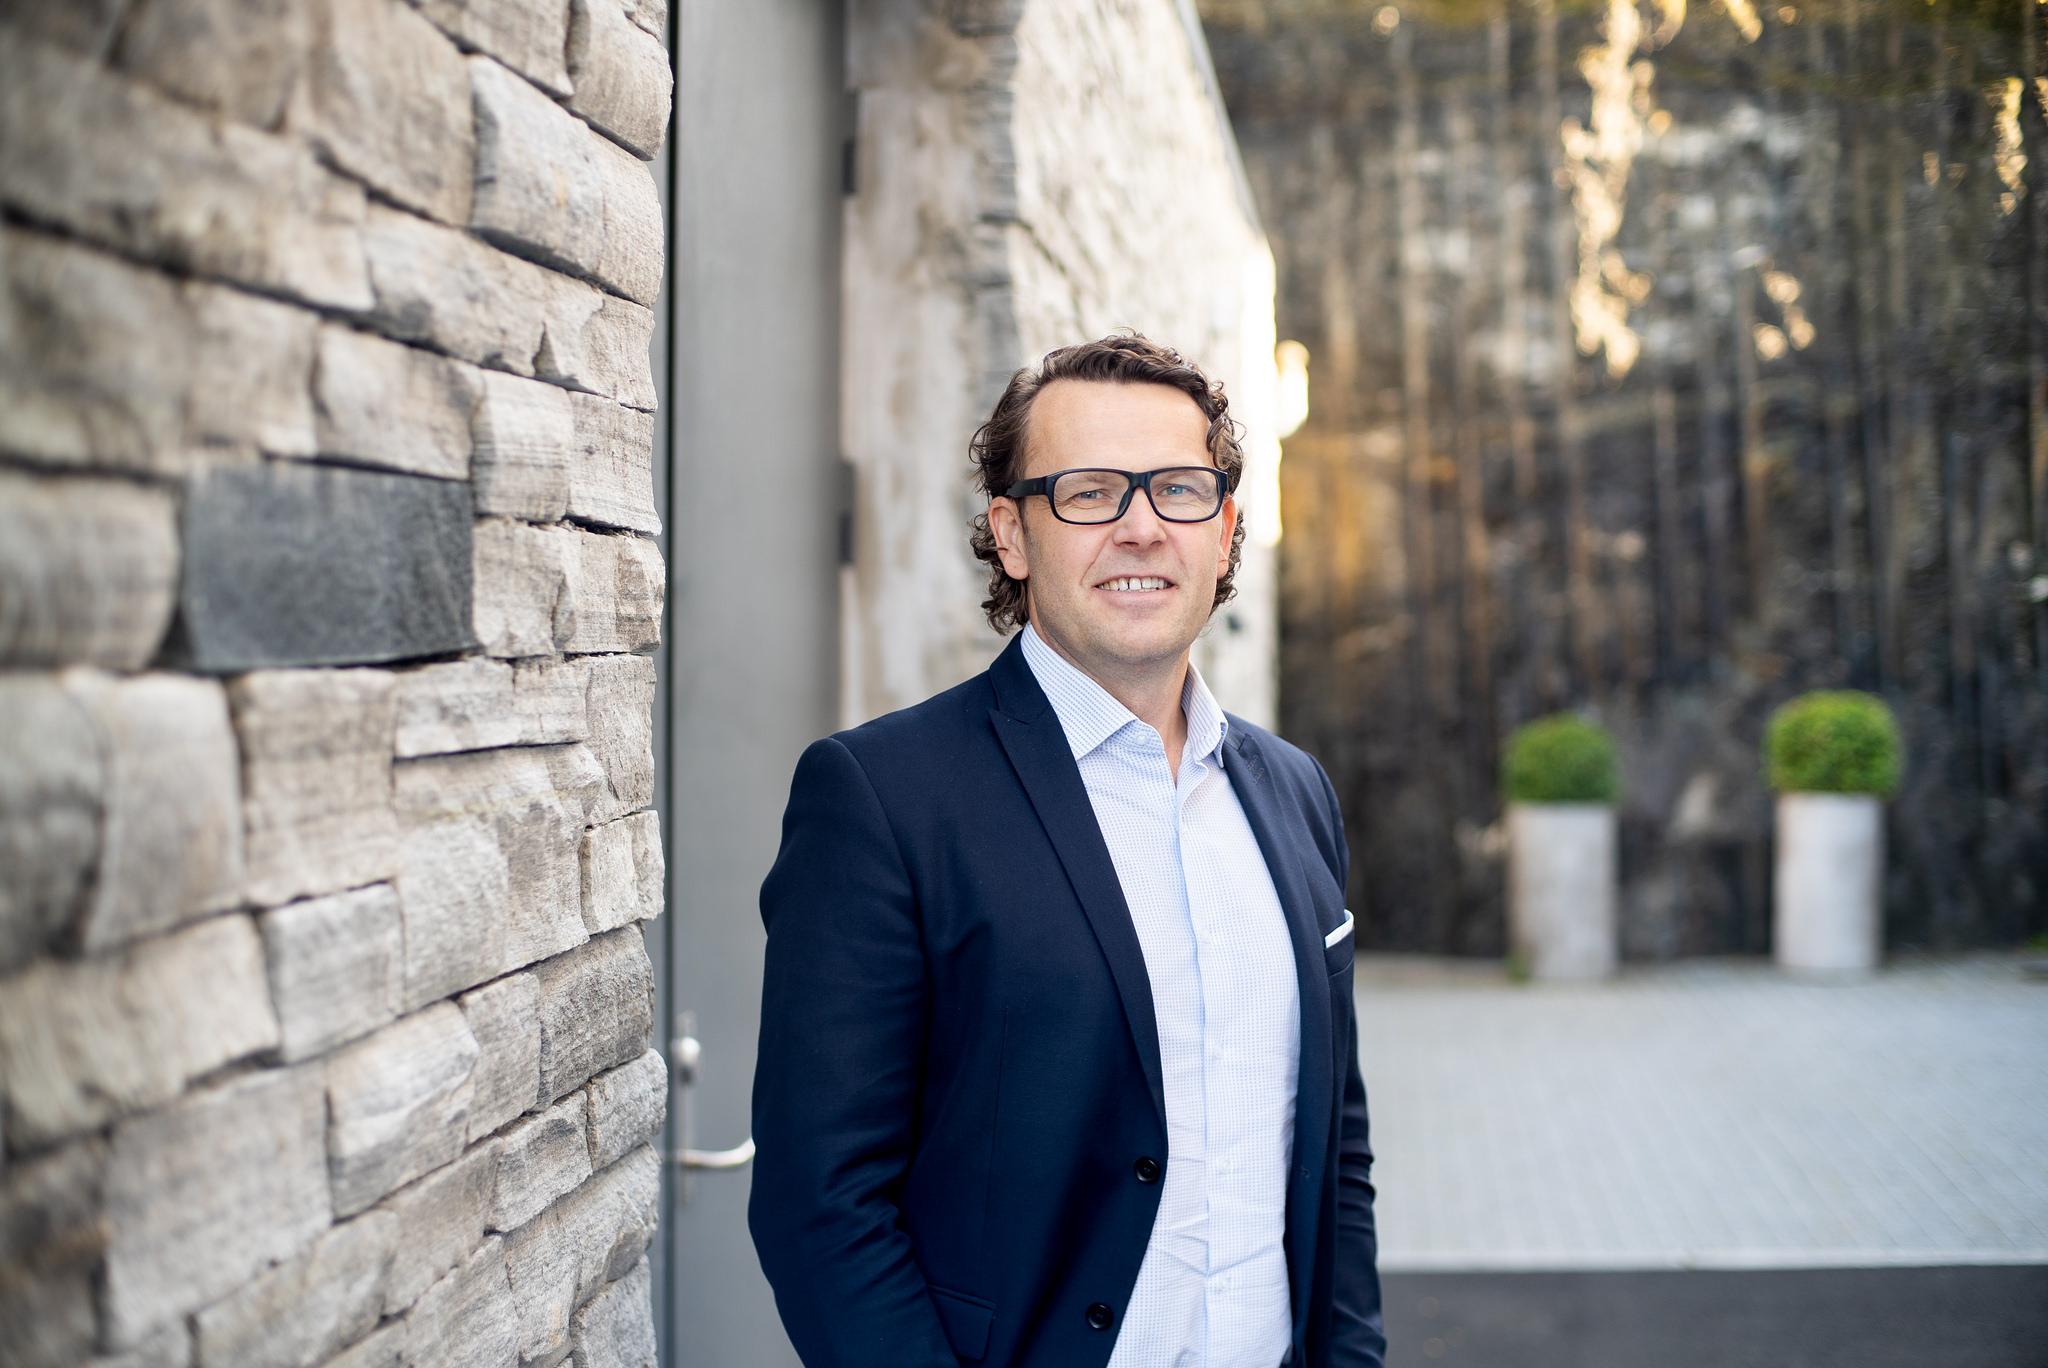 Administrerende direktør Thomas Skjelbred - Foto: Stephan Wetaas